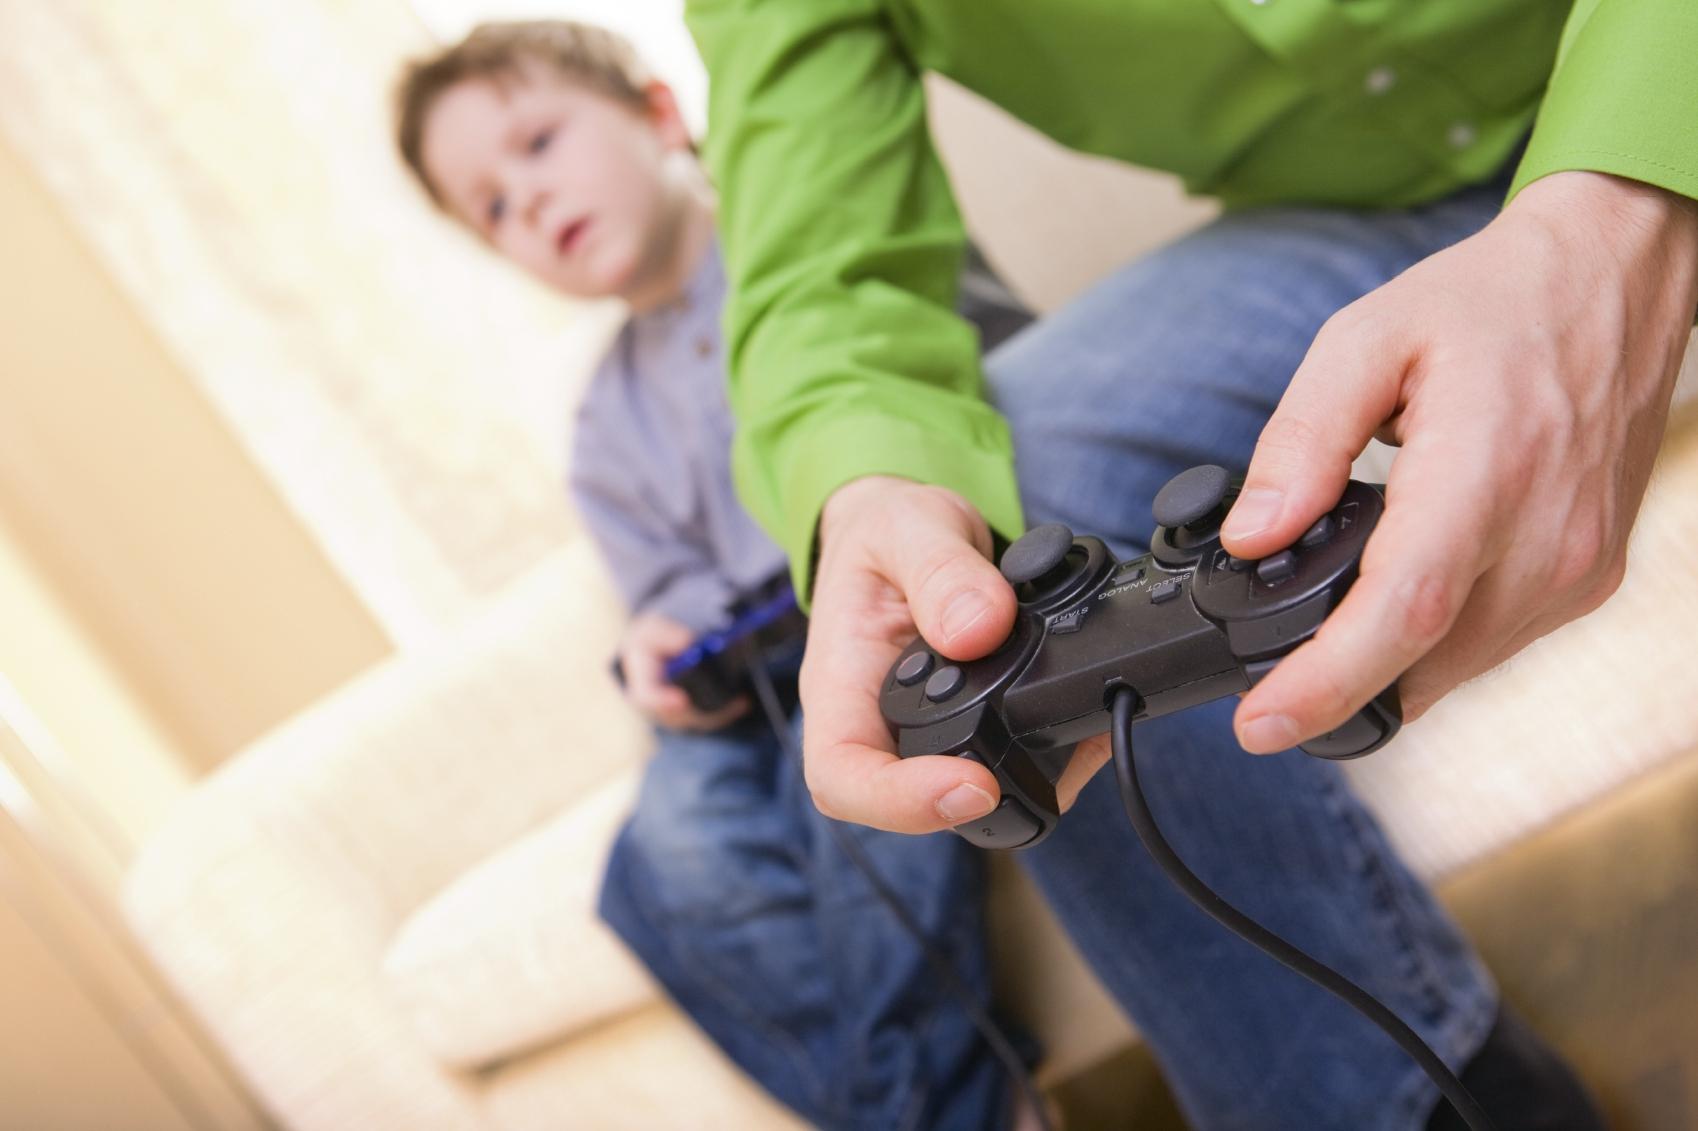 Video Games - iStock_000008938375_Medium